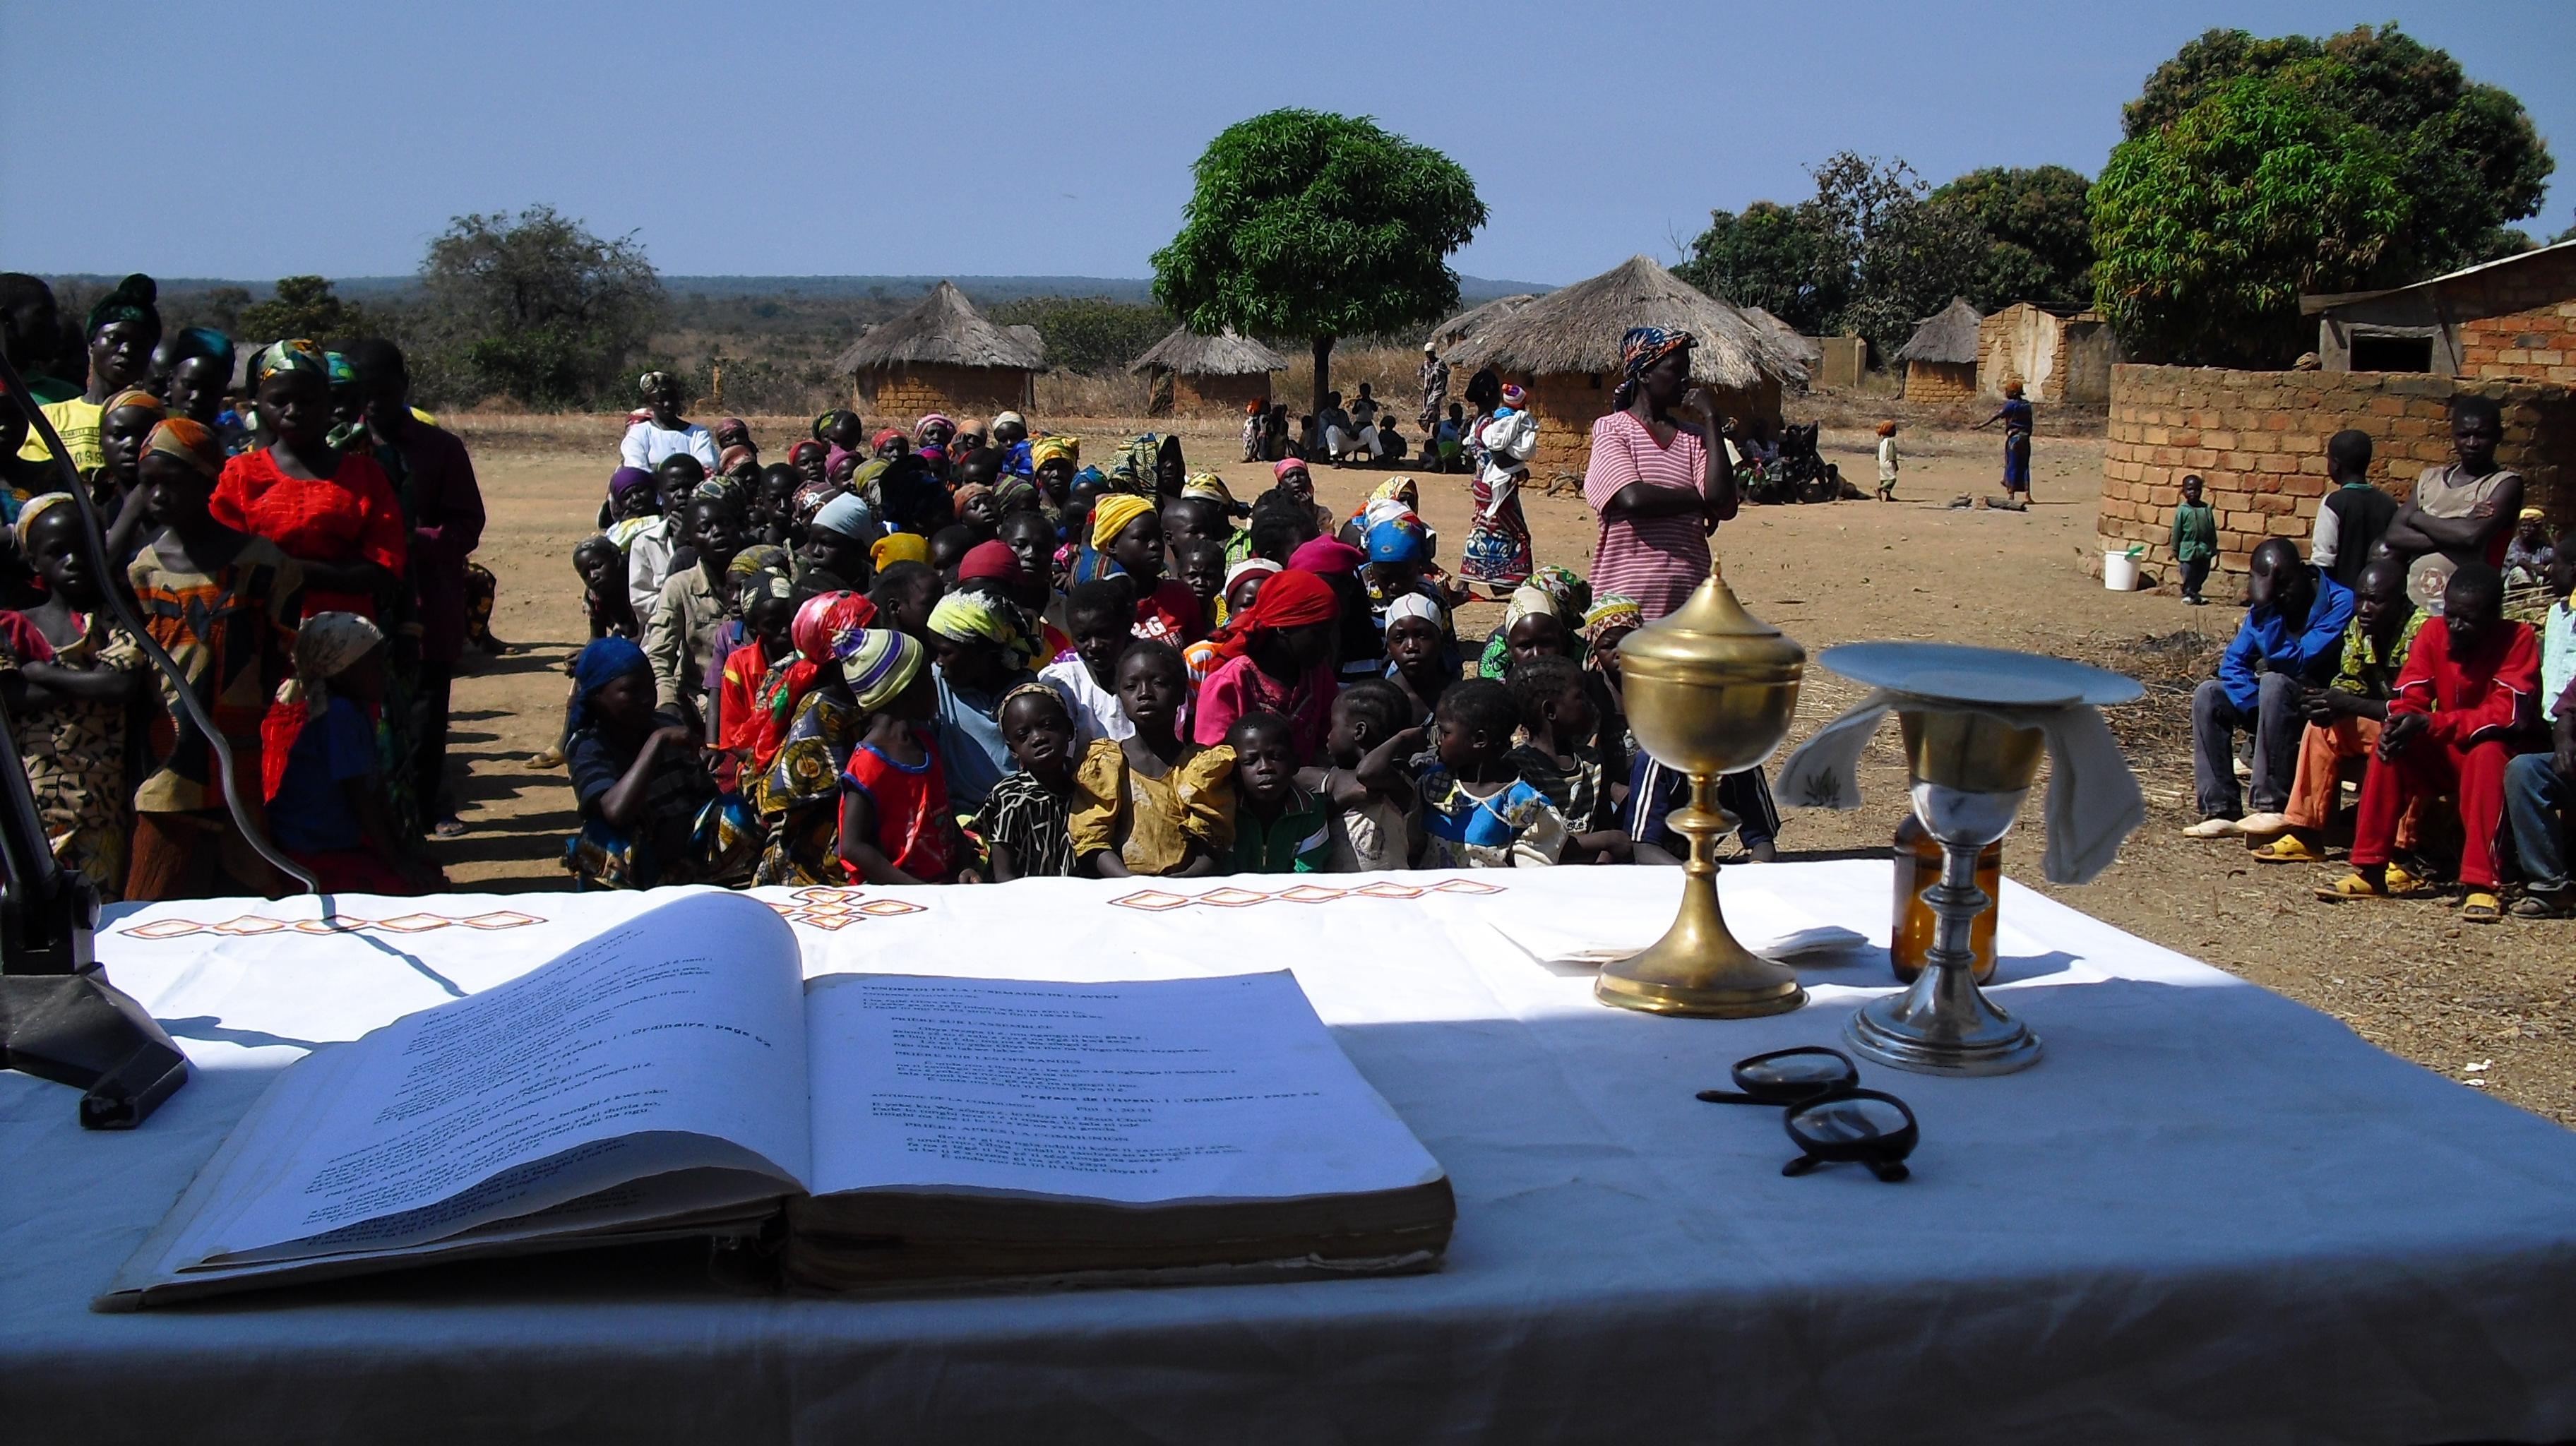 Proyecto: 30 000 ejemplares del Nuevo Testamento en sango, una de las lenguas oficiales